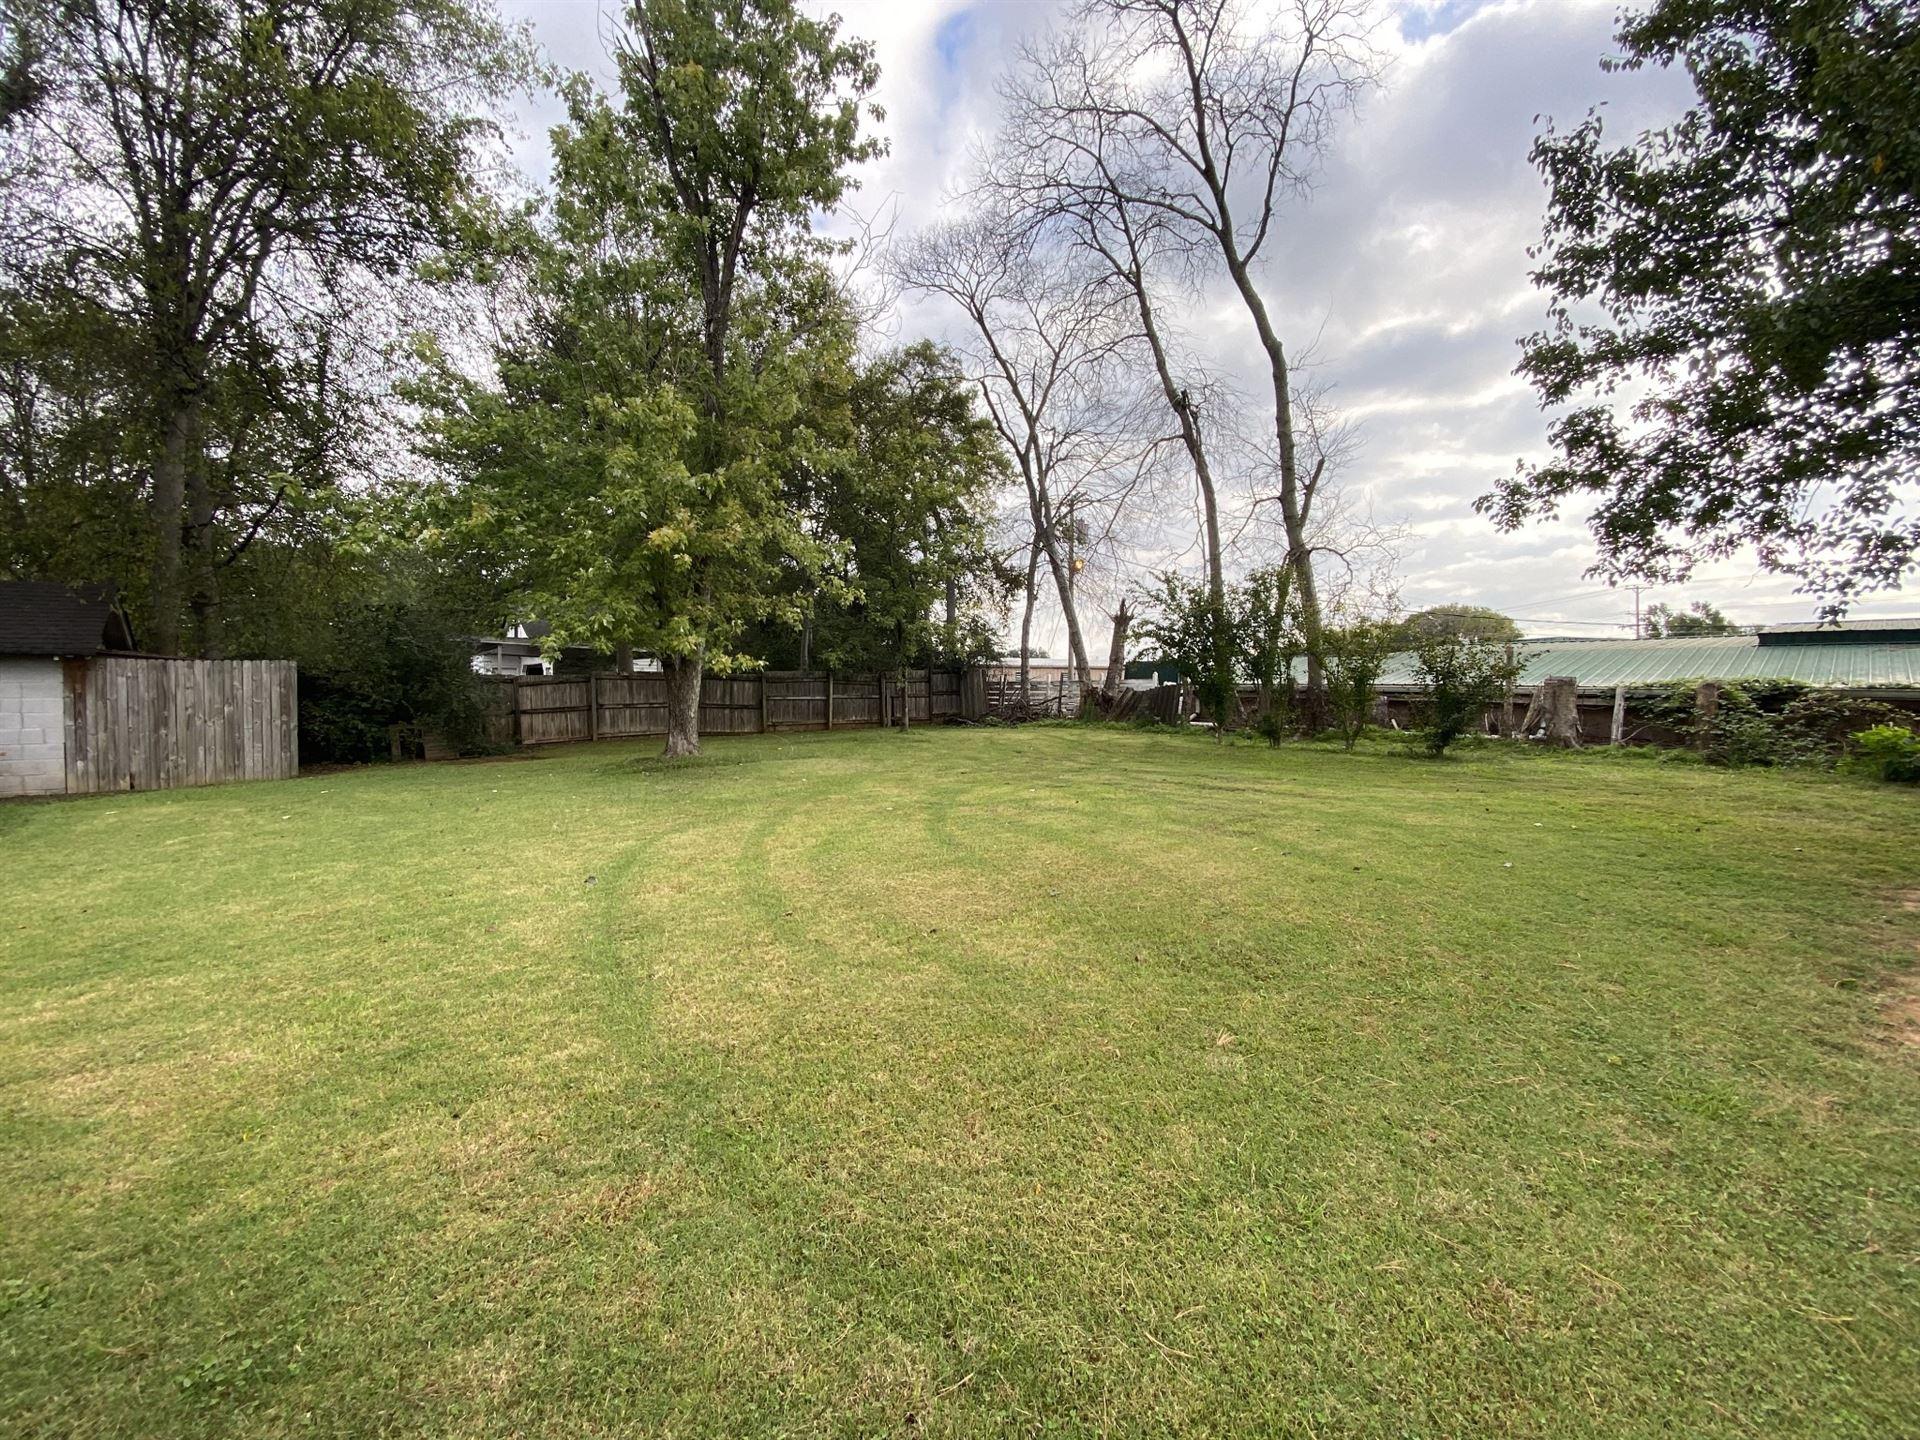 Photo of 1022 Poplar Ave, Murfreesboro, TN 37129 (MLS # 2299742)